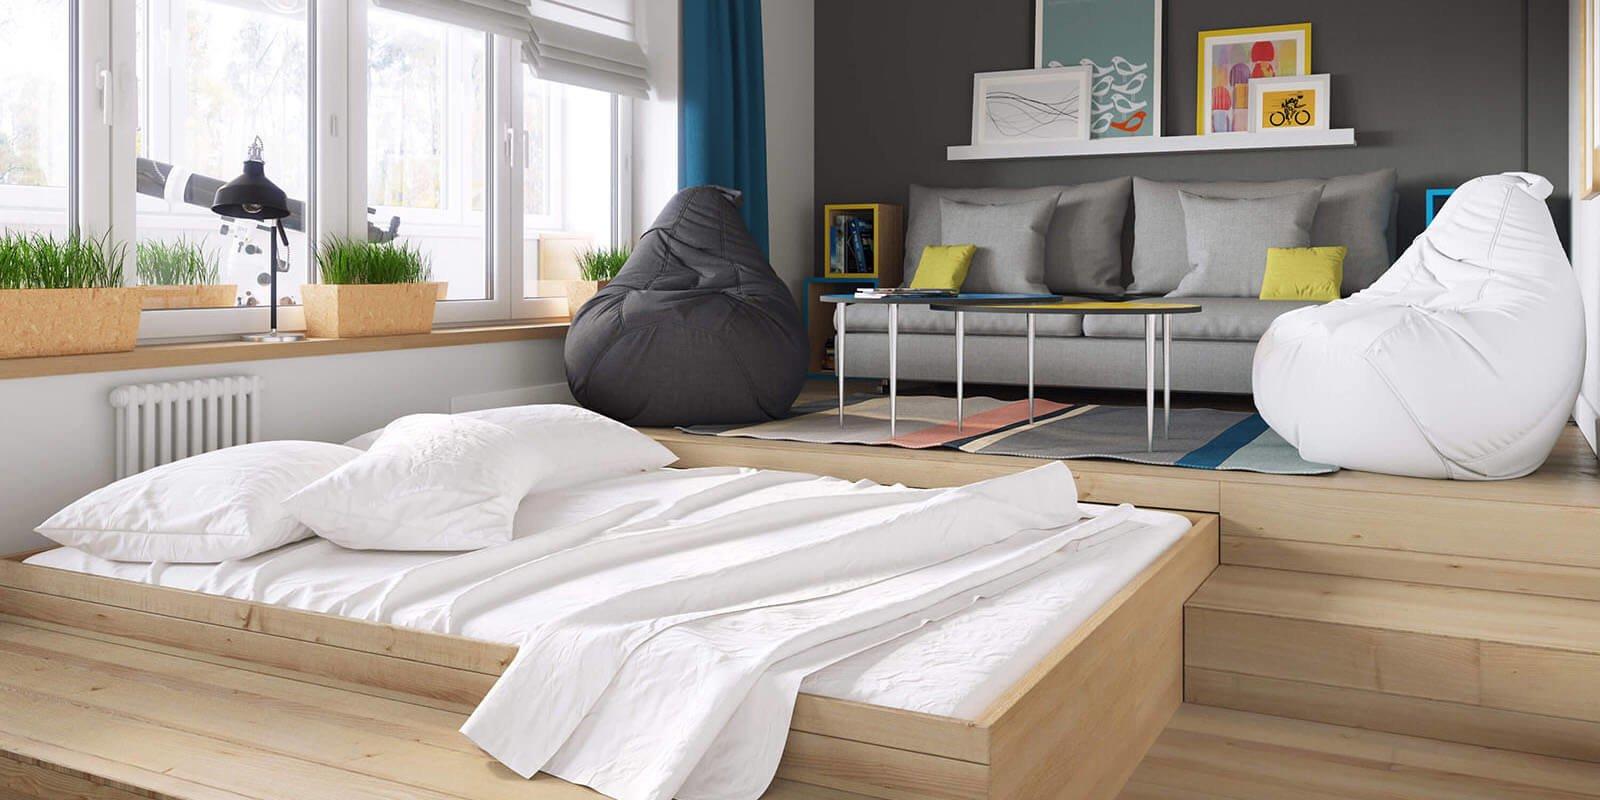 Возраст, предпочтения и образ жизни, должен определять в каком стиле и как будет оформлена кровать